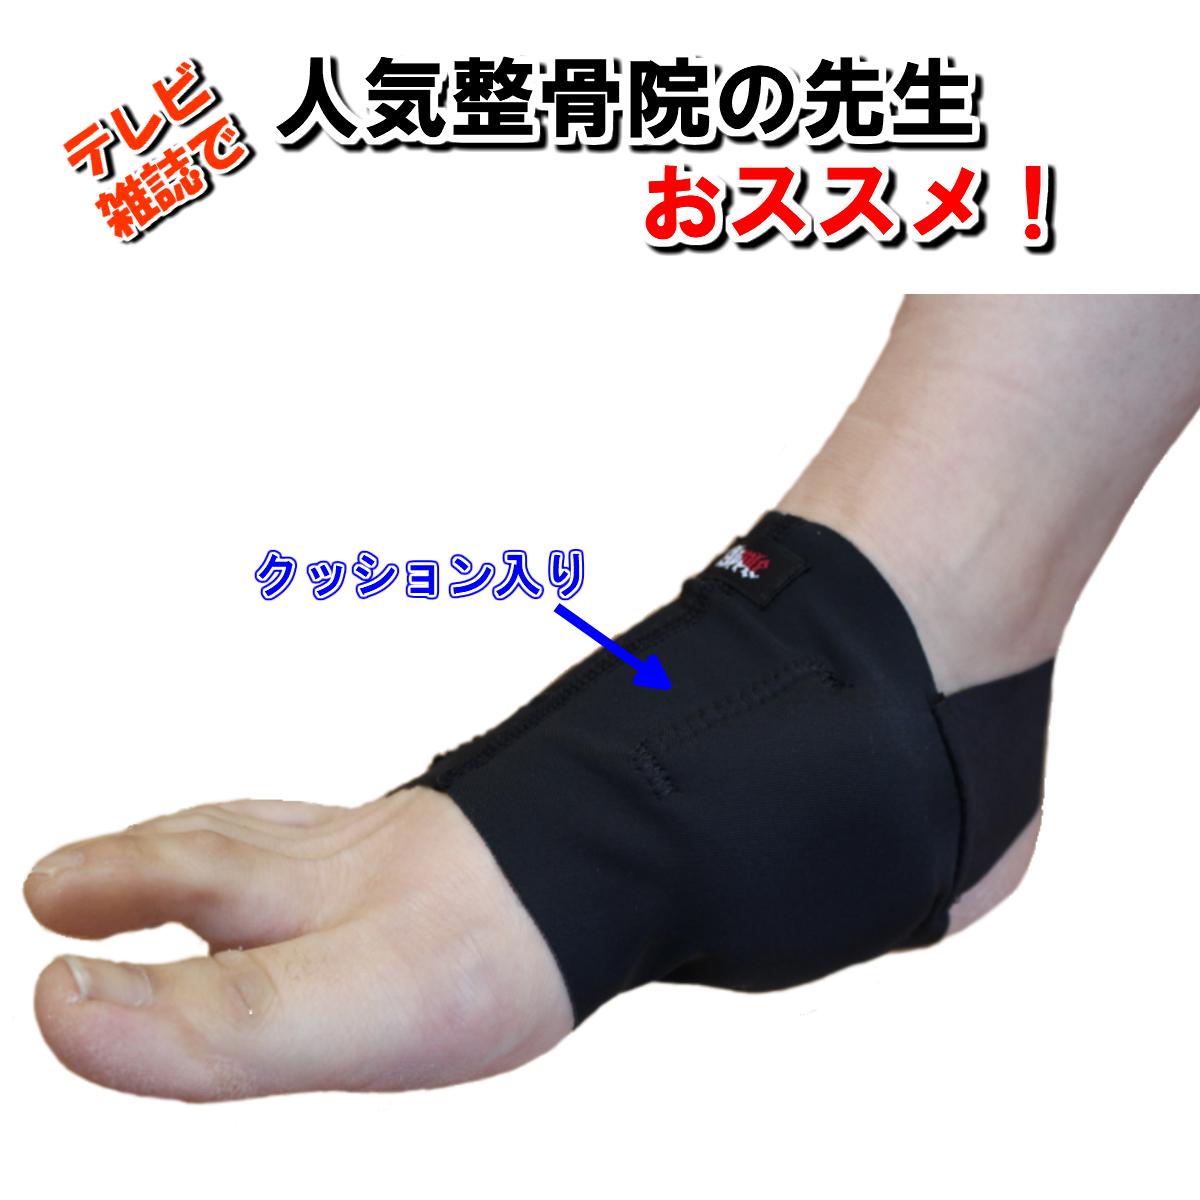 即納最大半額 年末年始大決算 ソックス型だから靴も問題なし 有痛性外脛骨 足首 無料相談付き 外脛骨 がいけいこつ 足首サポーター コルセット サポーター